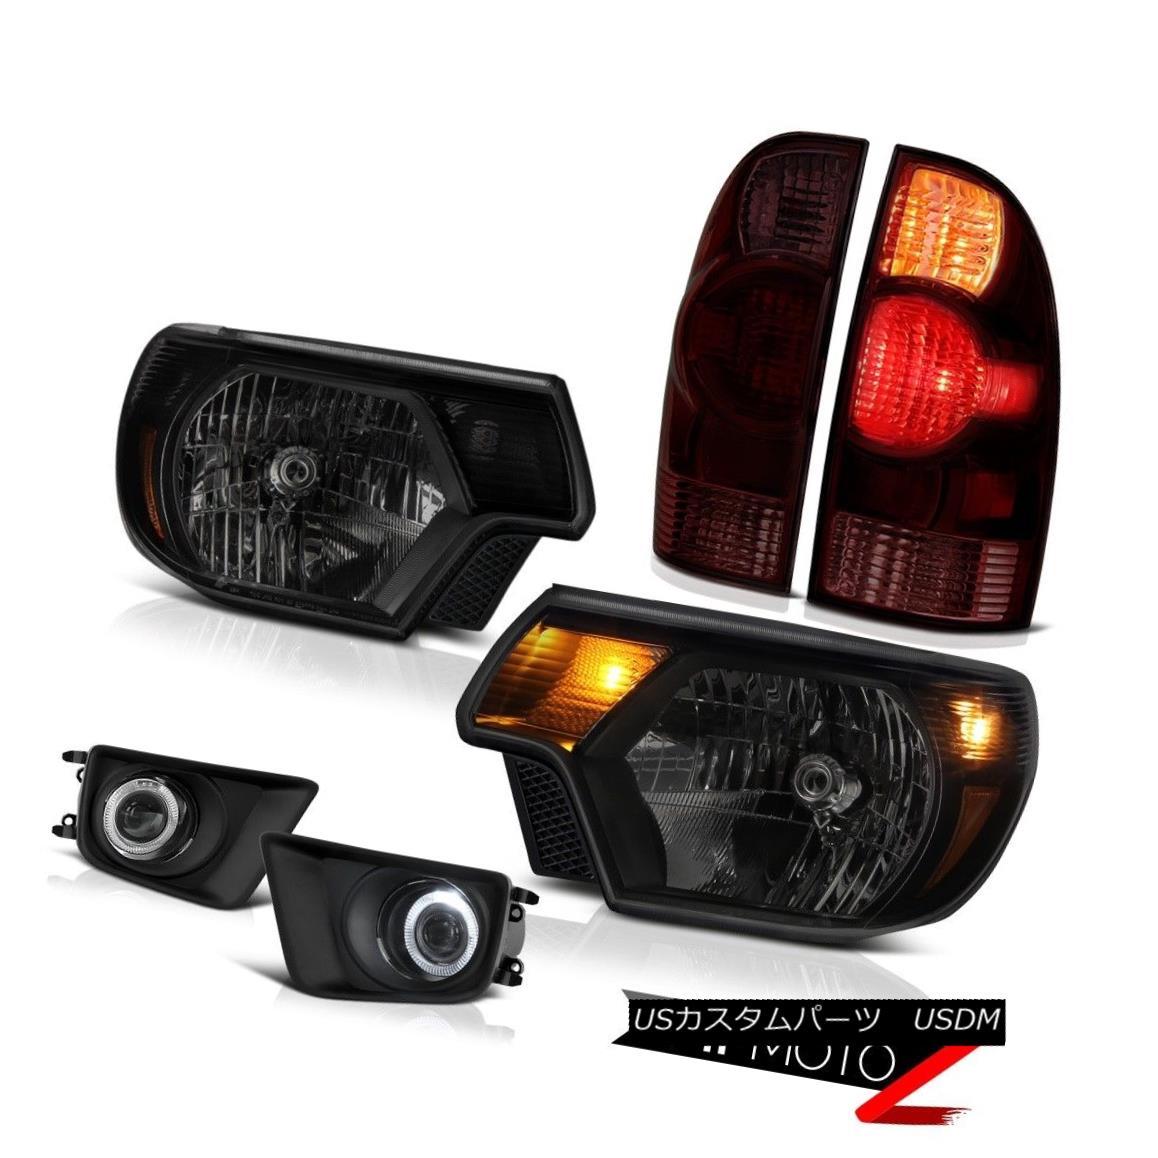 テールライト 12-15 Toyota Tacoma 4WD Fog lights darkest smoke headlamps taillamps Assembly 12-15トヨタタコマ4WDフォグライト最も暗い煙ヘッドランプテールランプアセンブリ